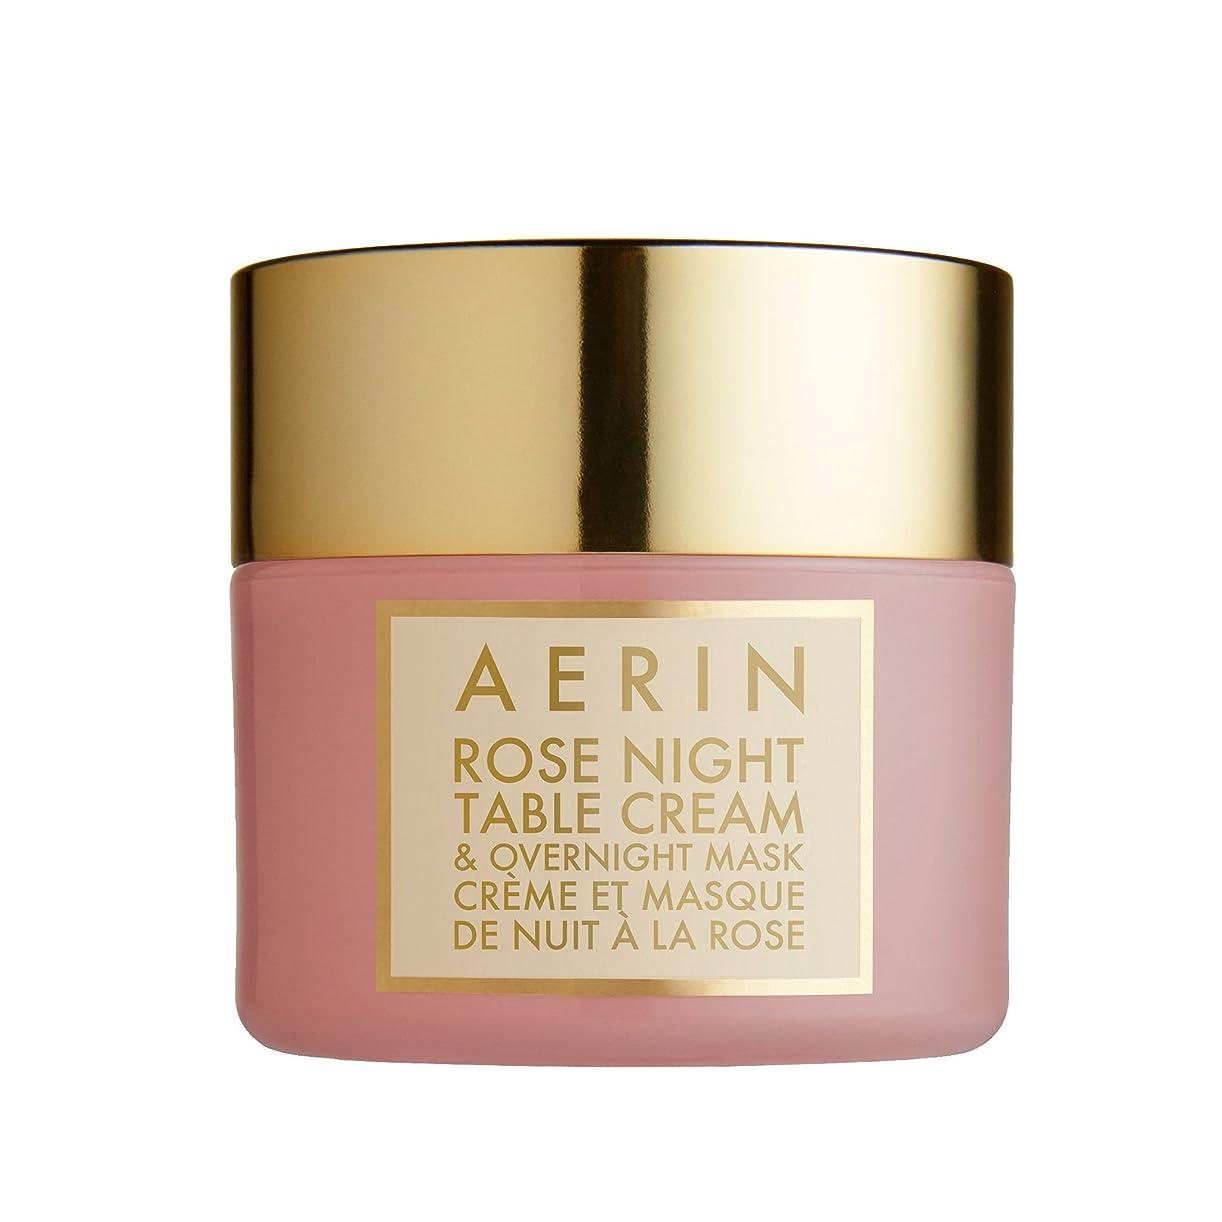 品スラッシュ勇敢なAERIN Rose Night Table Cream & Overnight Mask (アエリン ローズ ナイト テーブル クリーム & オーバーナイト マスク) 1.7 oz (50ml) by Estee Lauder for Women